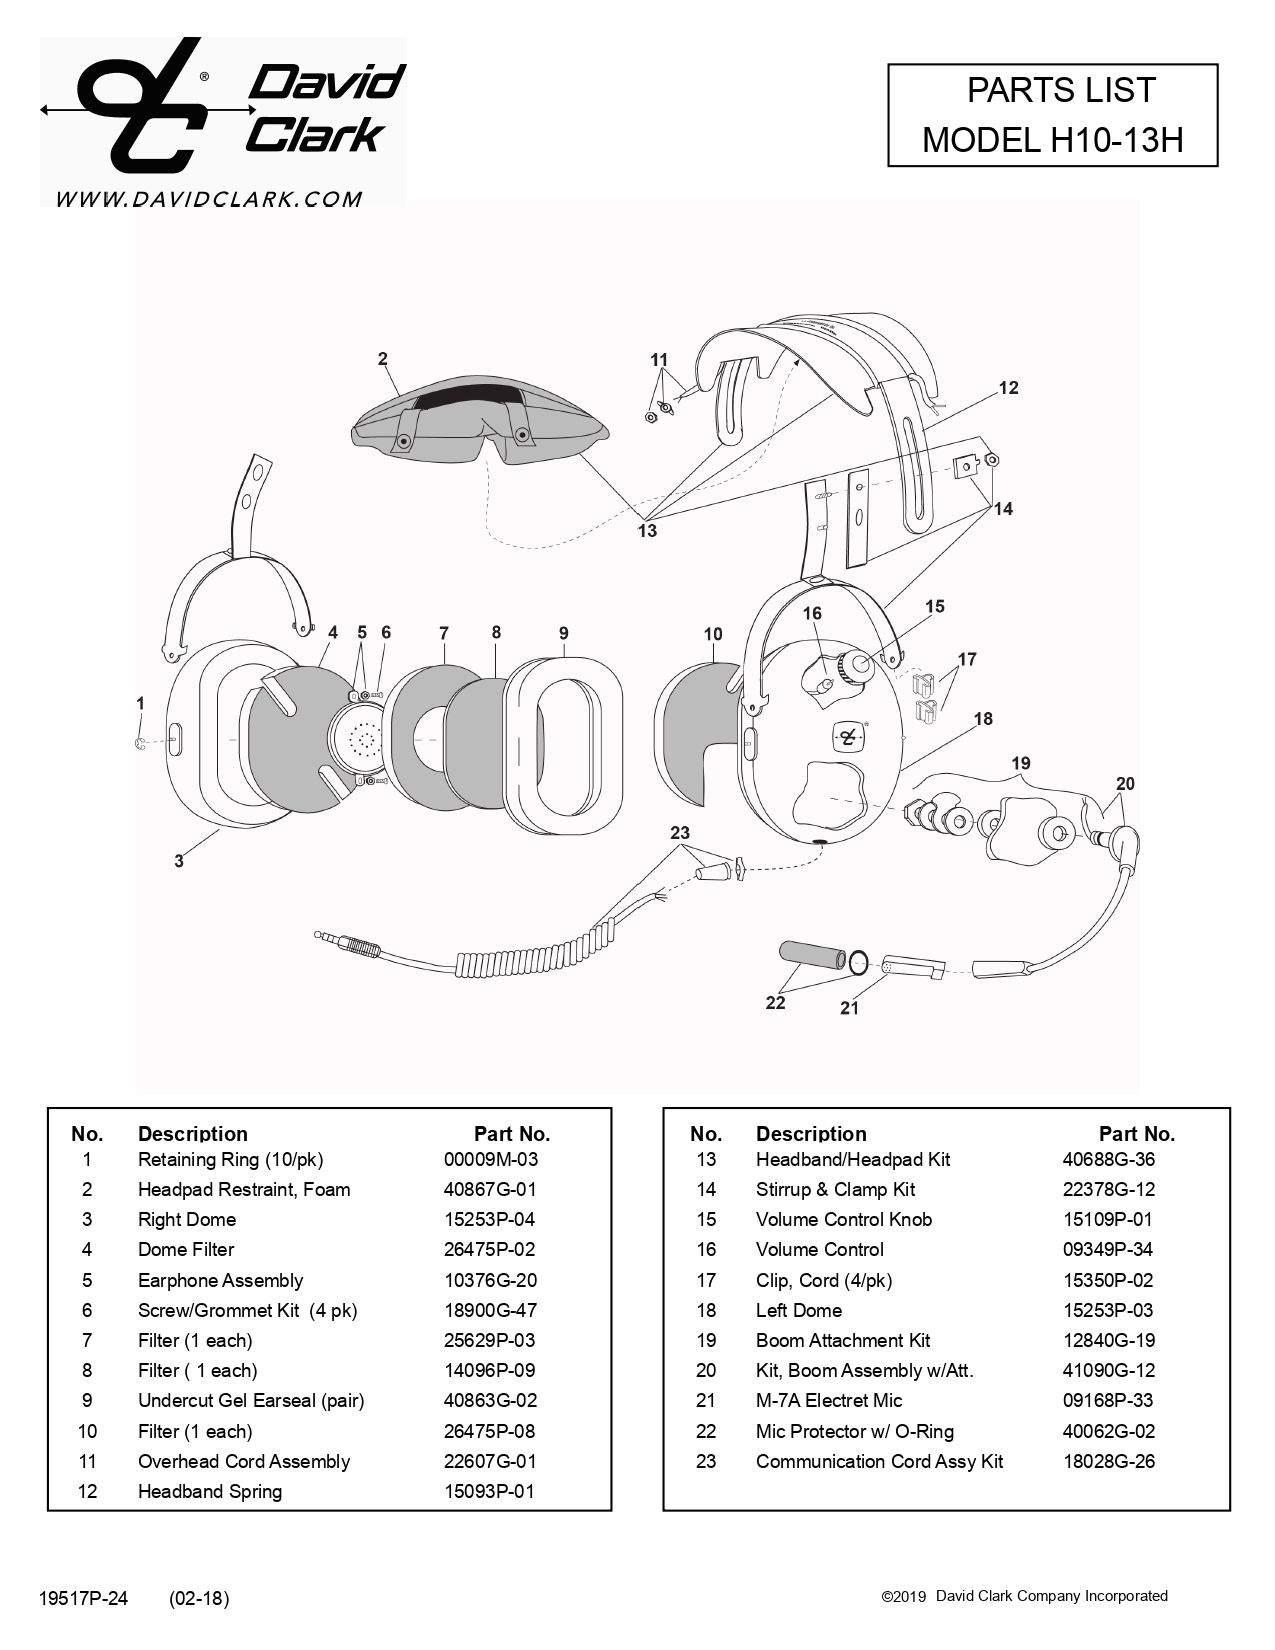 PARTS LIST H10-13H BUCKERBOOK